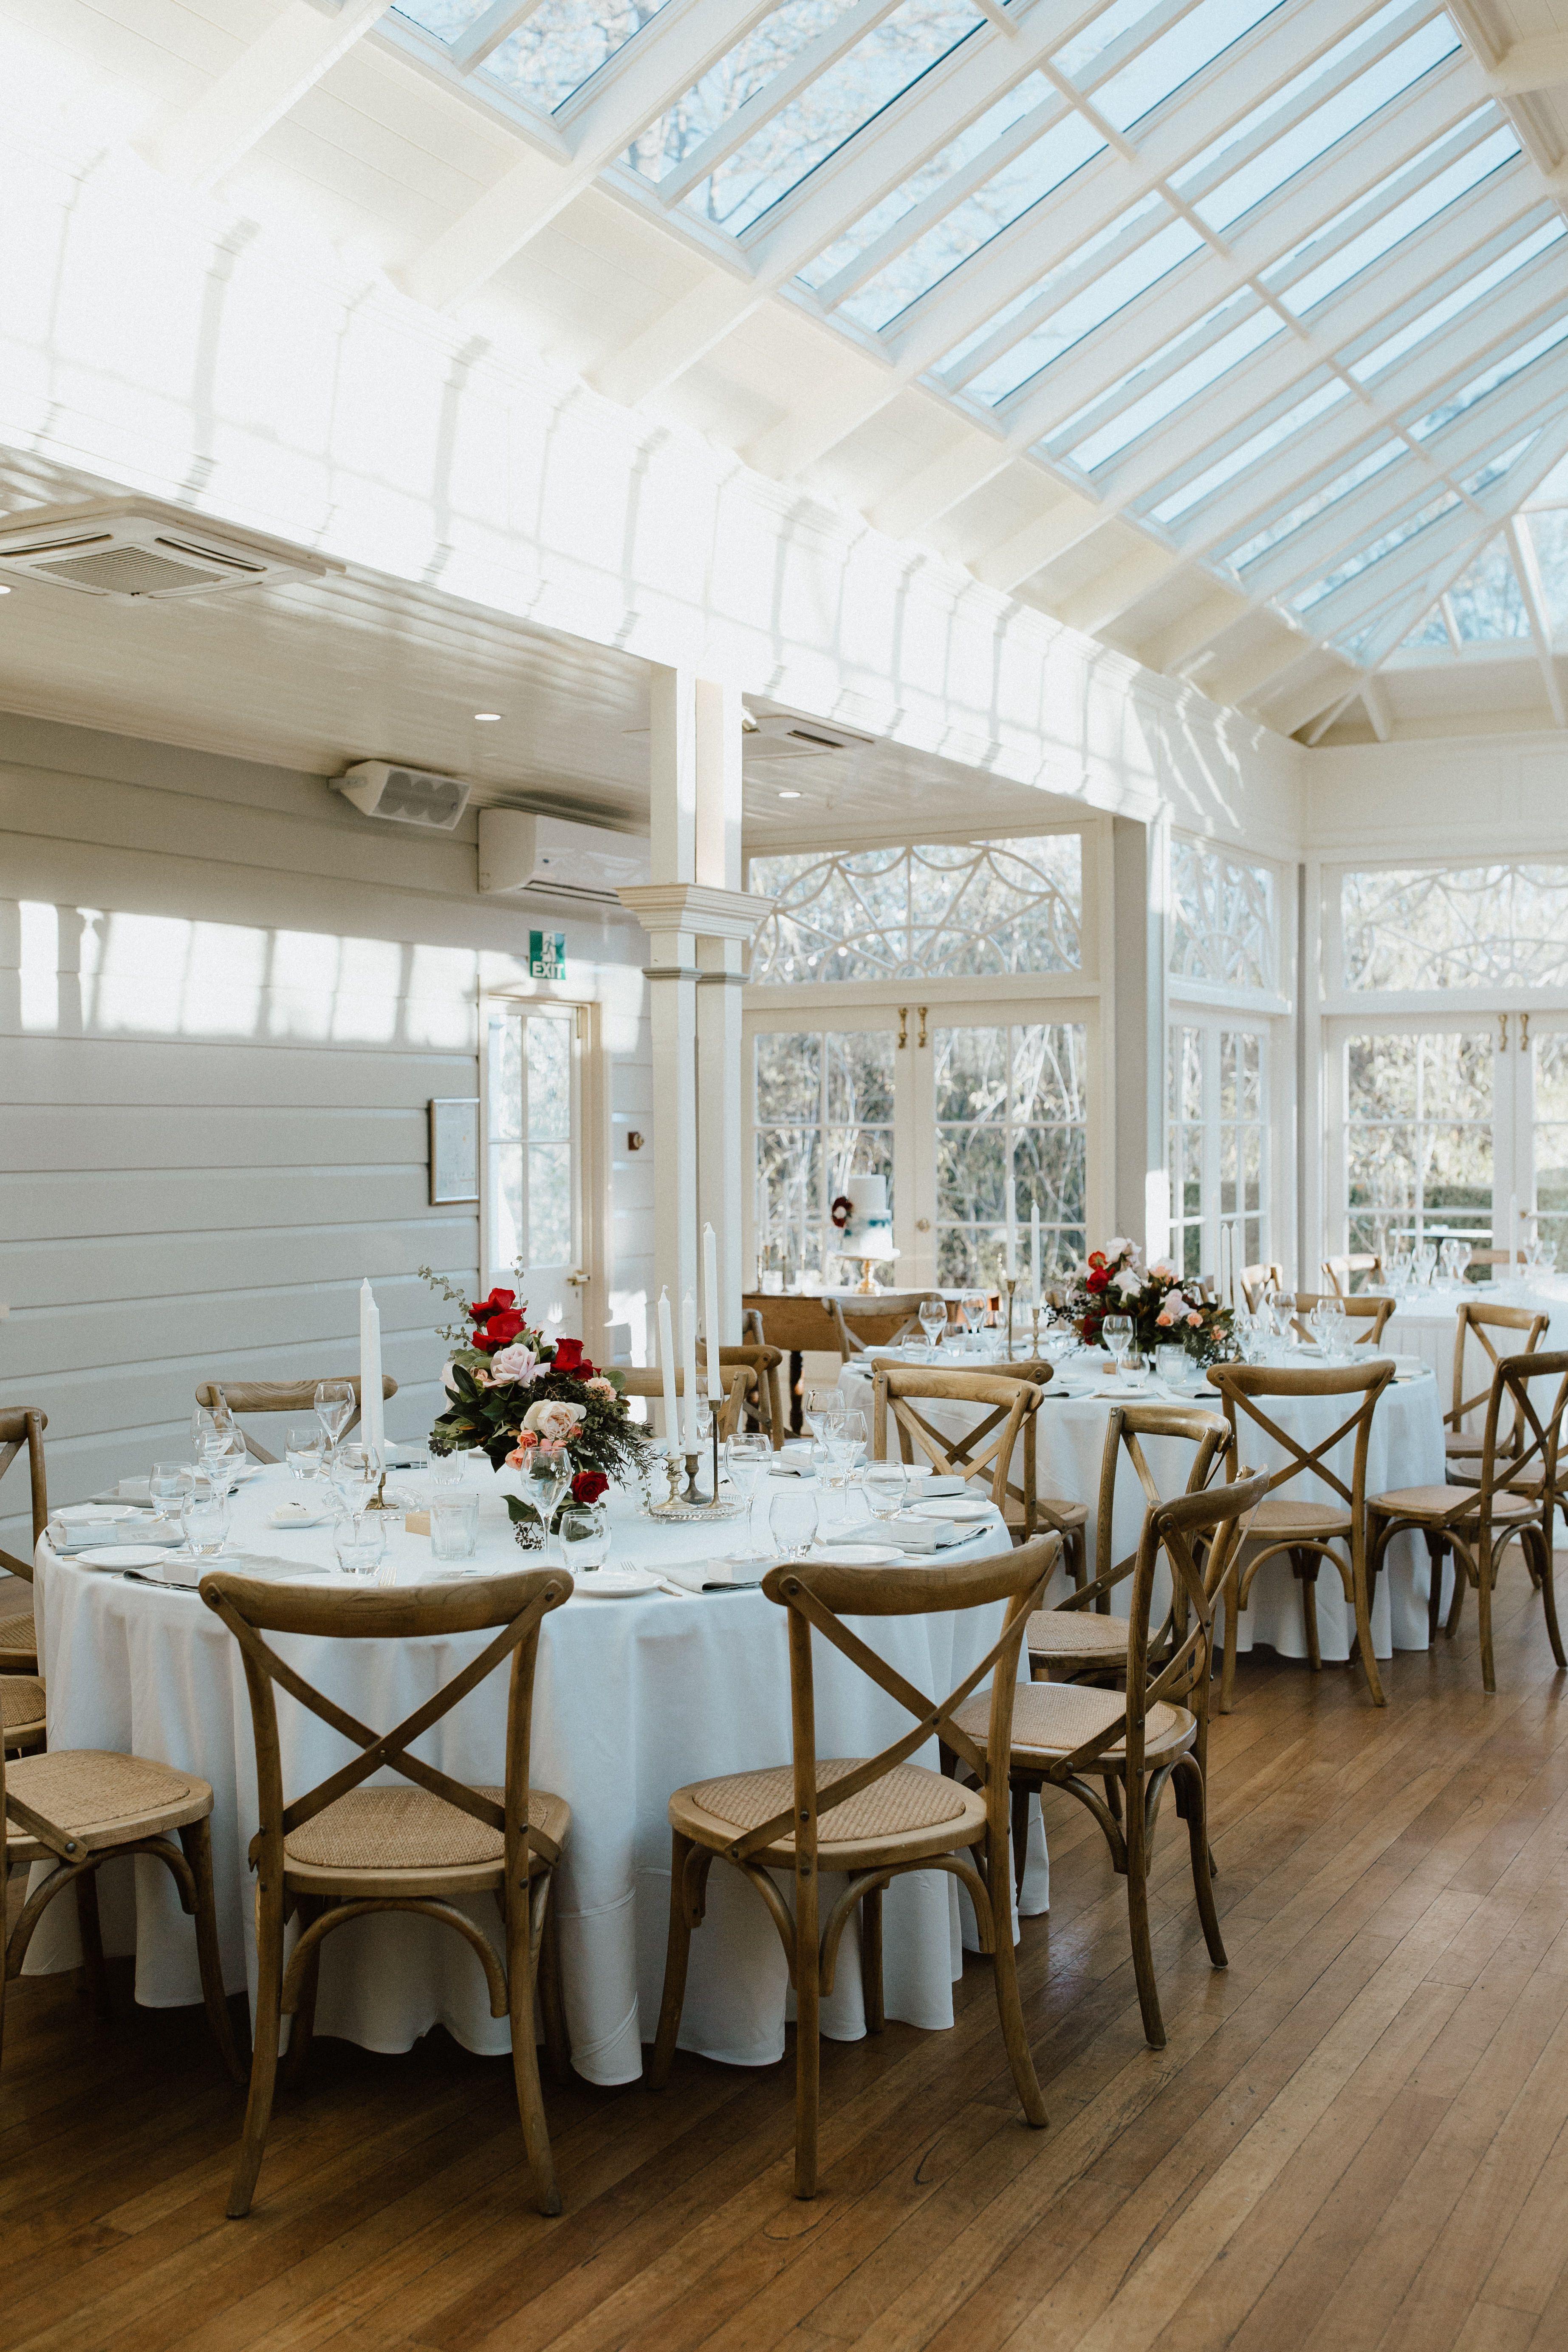 Gabbinbar Homestead is a wedding venue located in ...